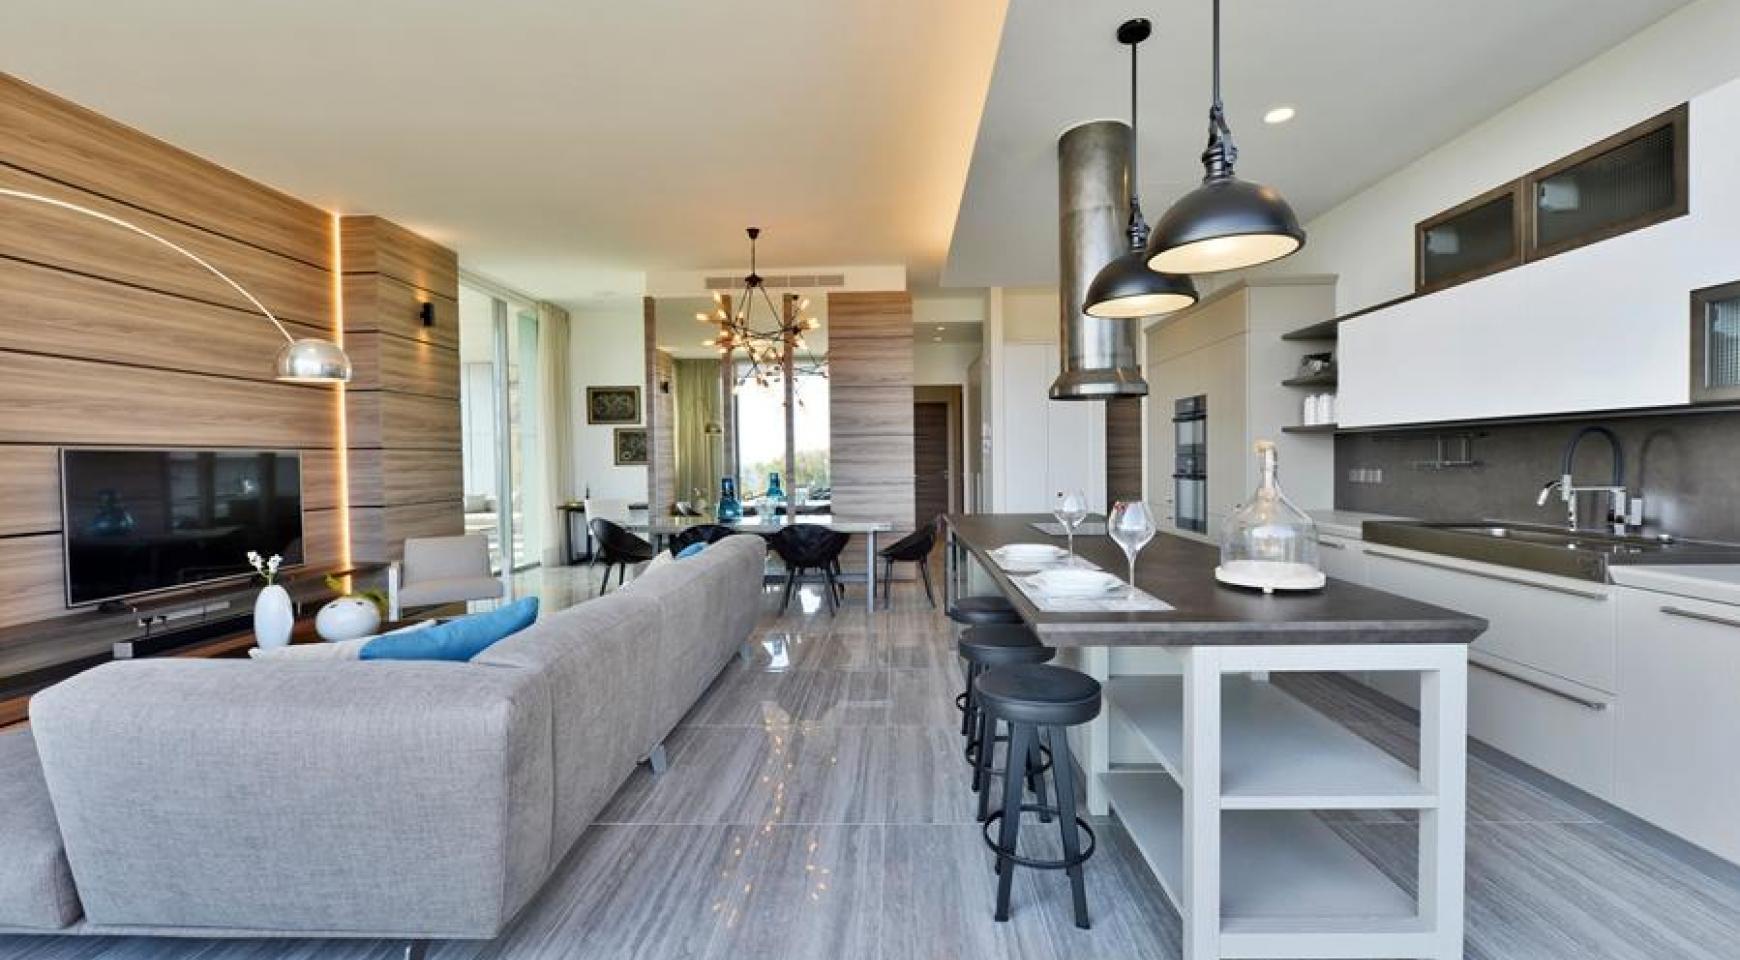 Πολυτελές διαμέρισμα 2 υπνοδωματίων με ταράτσα στο νεόδμητο συγκρότημα - 3